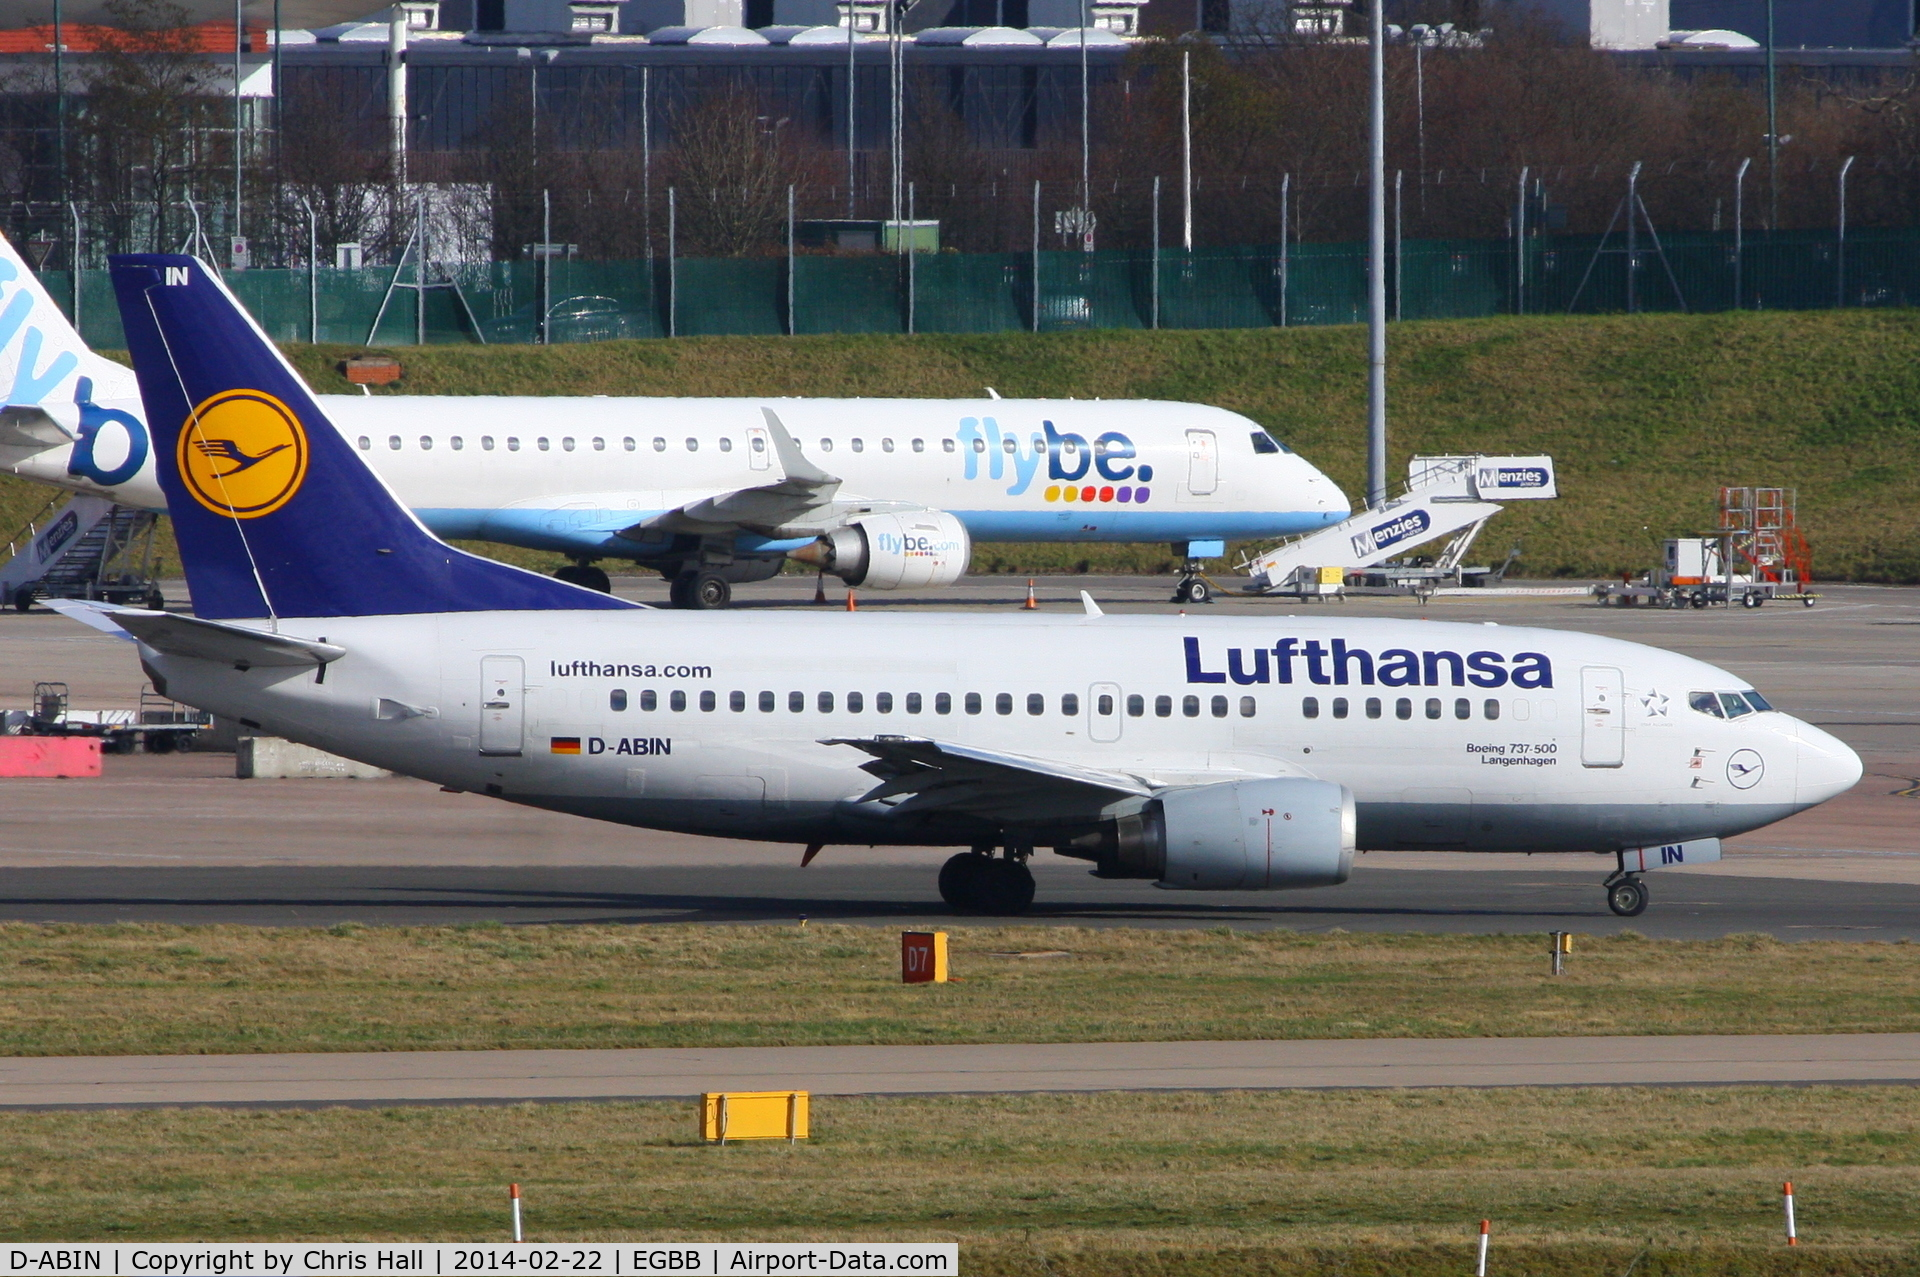 D-ABIN, 1991 Boeing 737-530 C/N 24938, Lufthansa